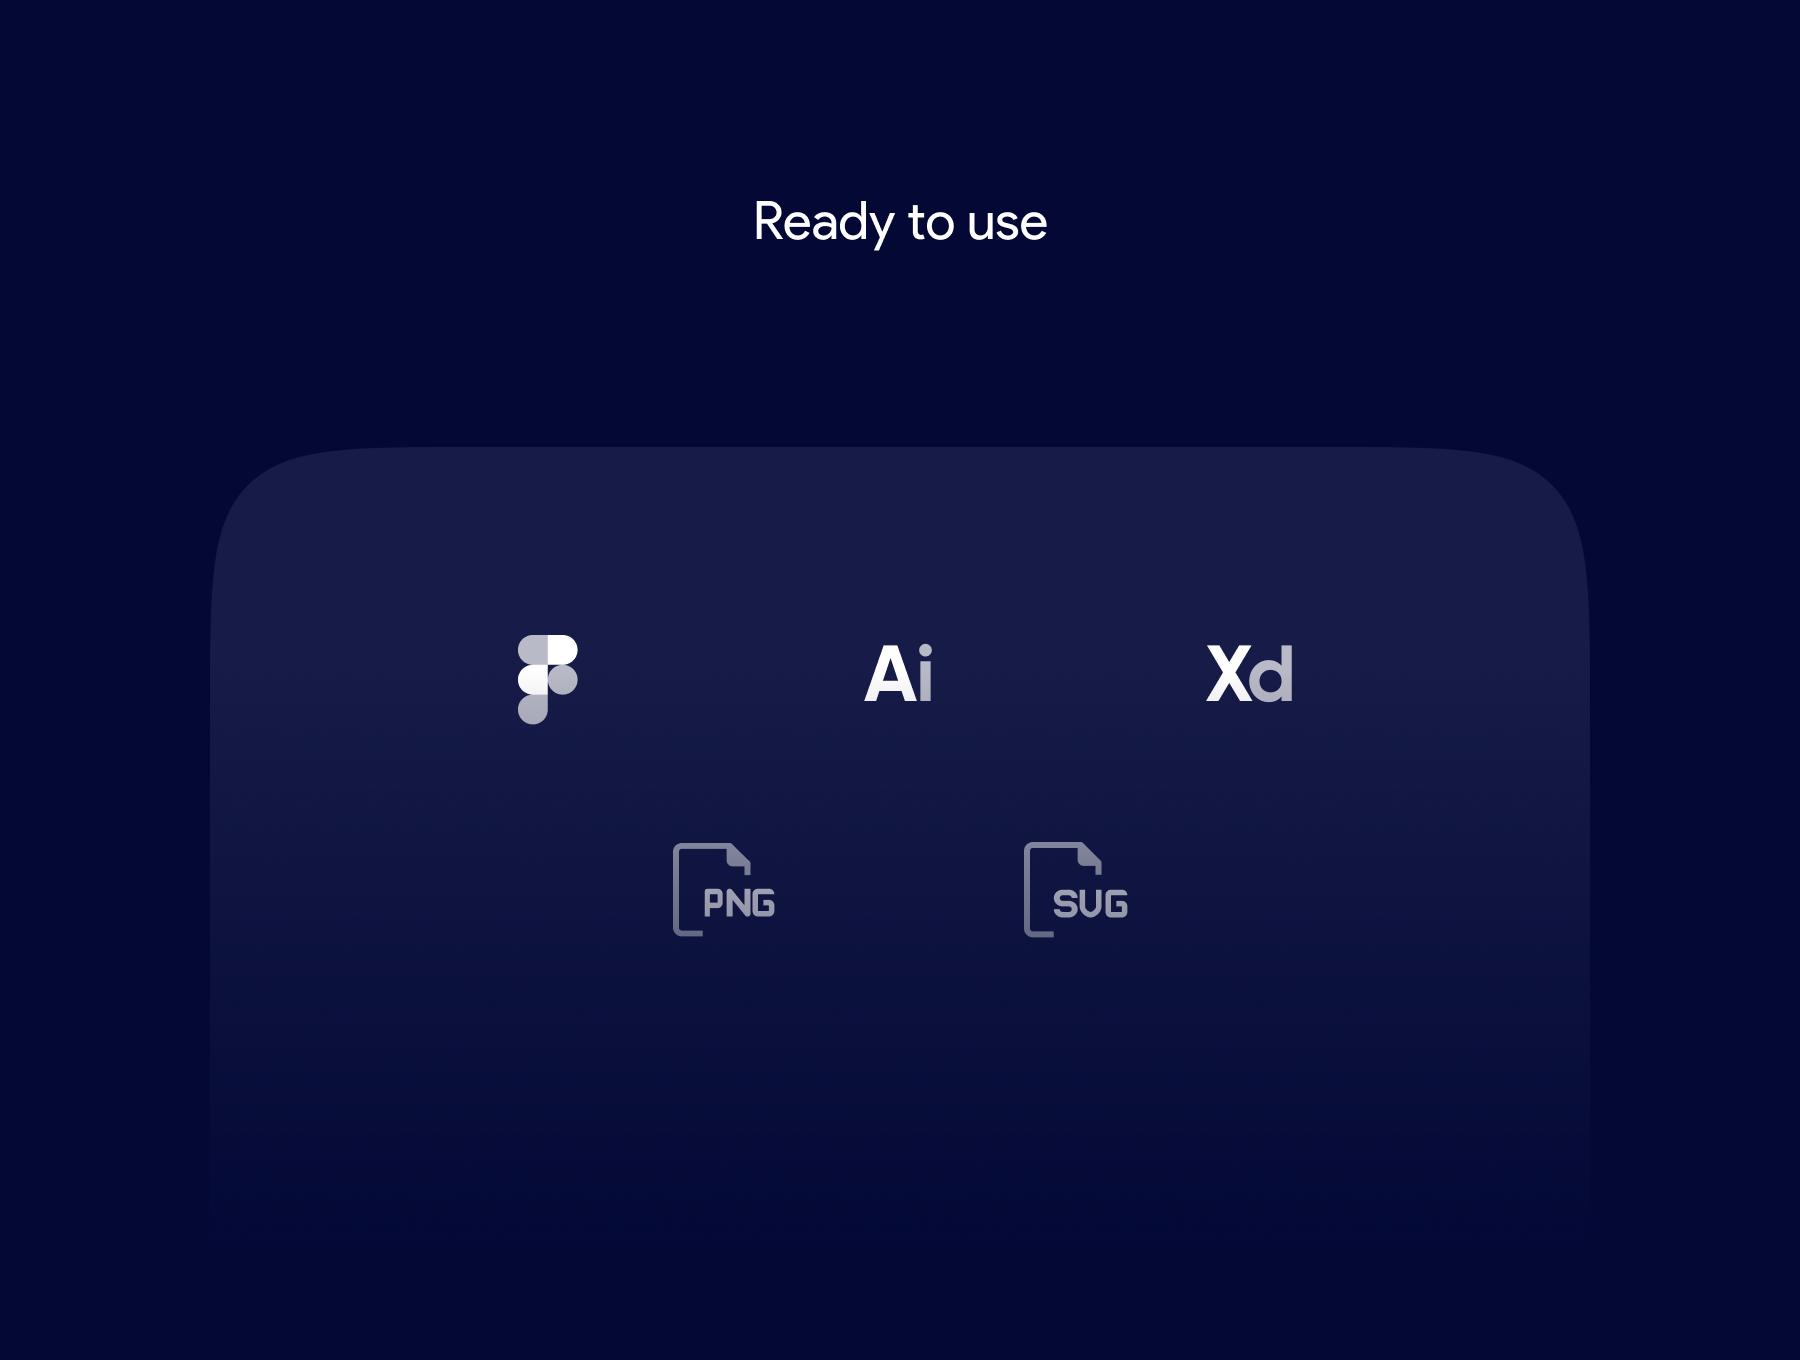 220 Figma Icon Set Free - UI Freebies